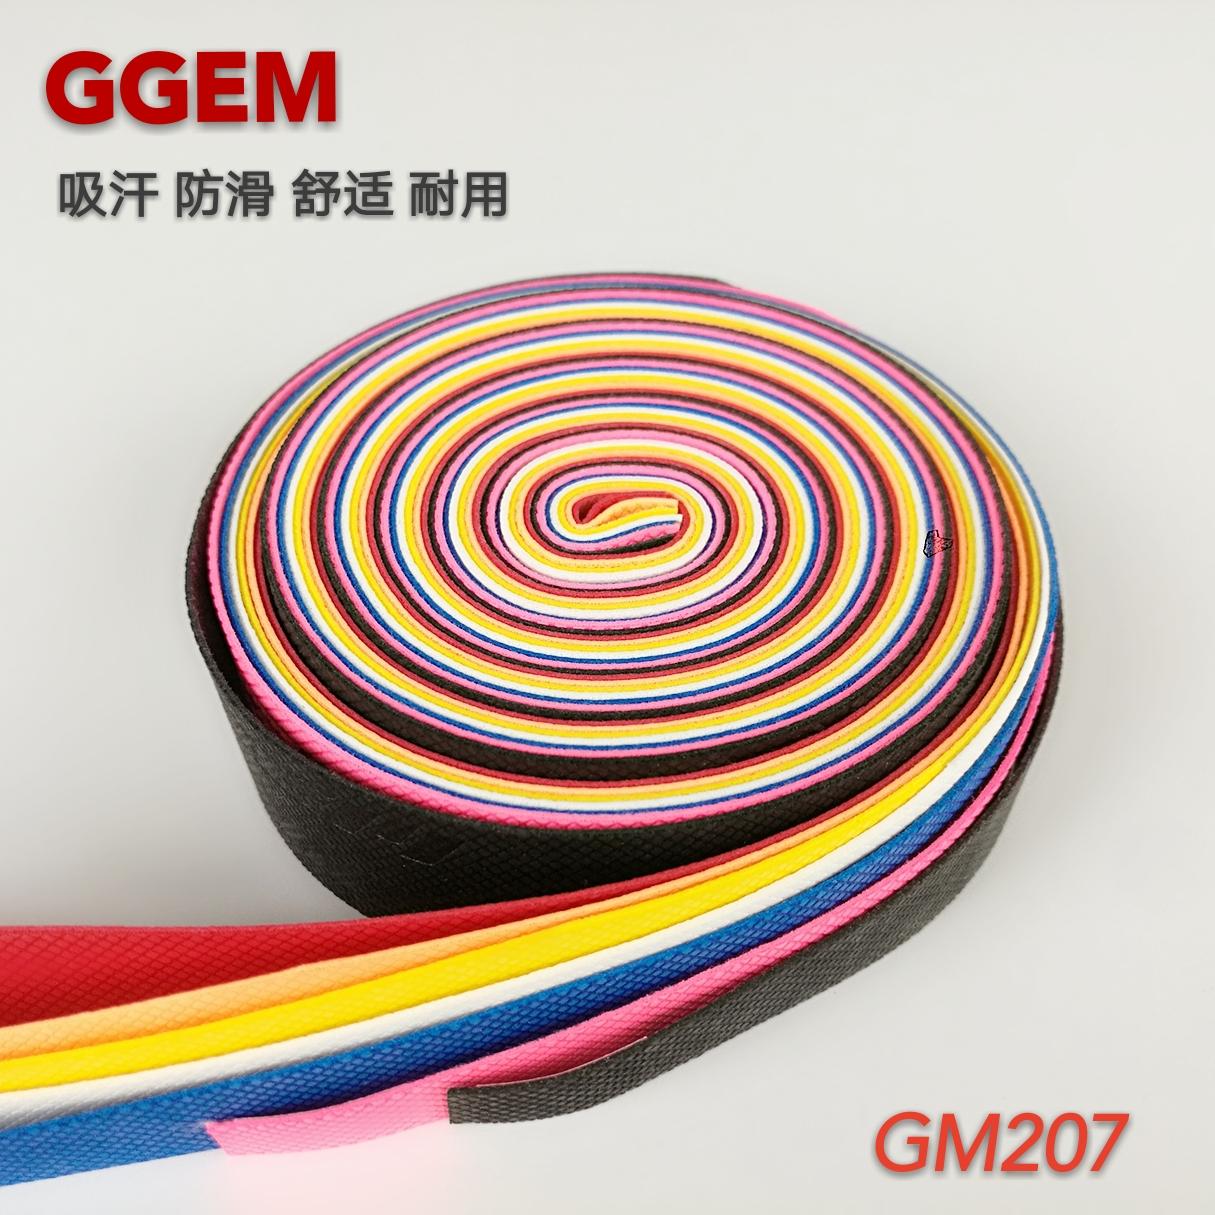 GGEM tập hợp GM207 vợt cầu lông đặc biệt mồ hôi thấm với xử lý da mồ hôi thấm trượt bền và thoải mái 5